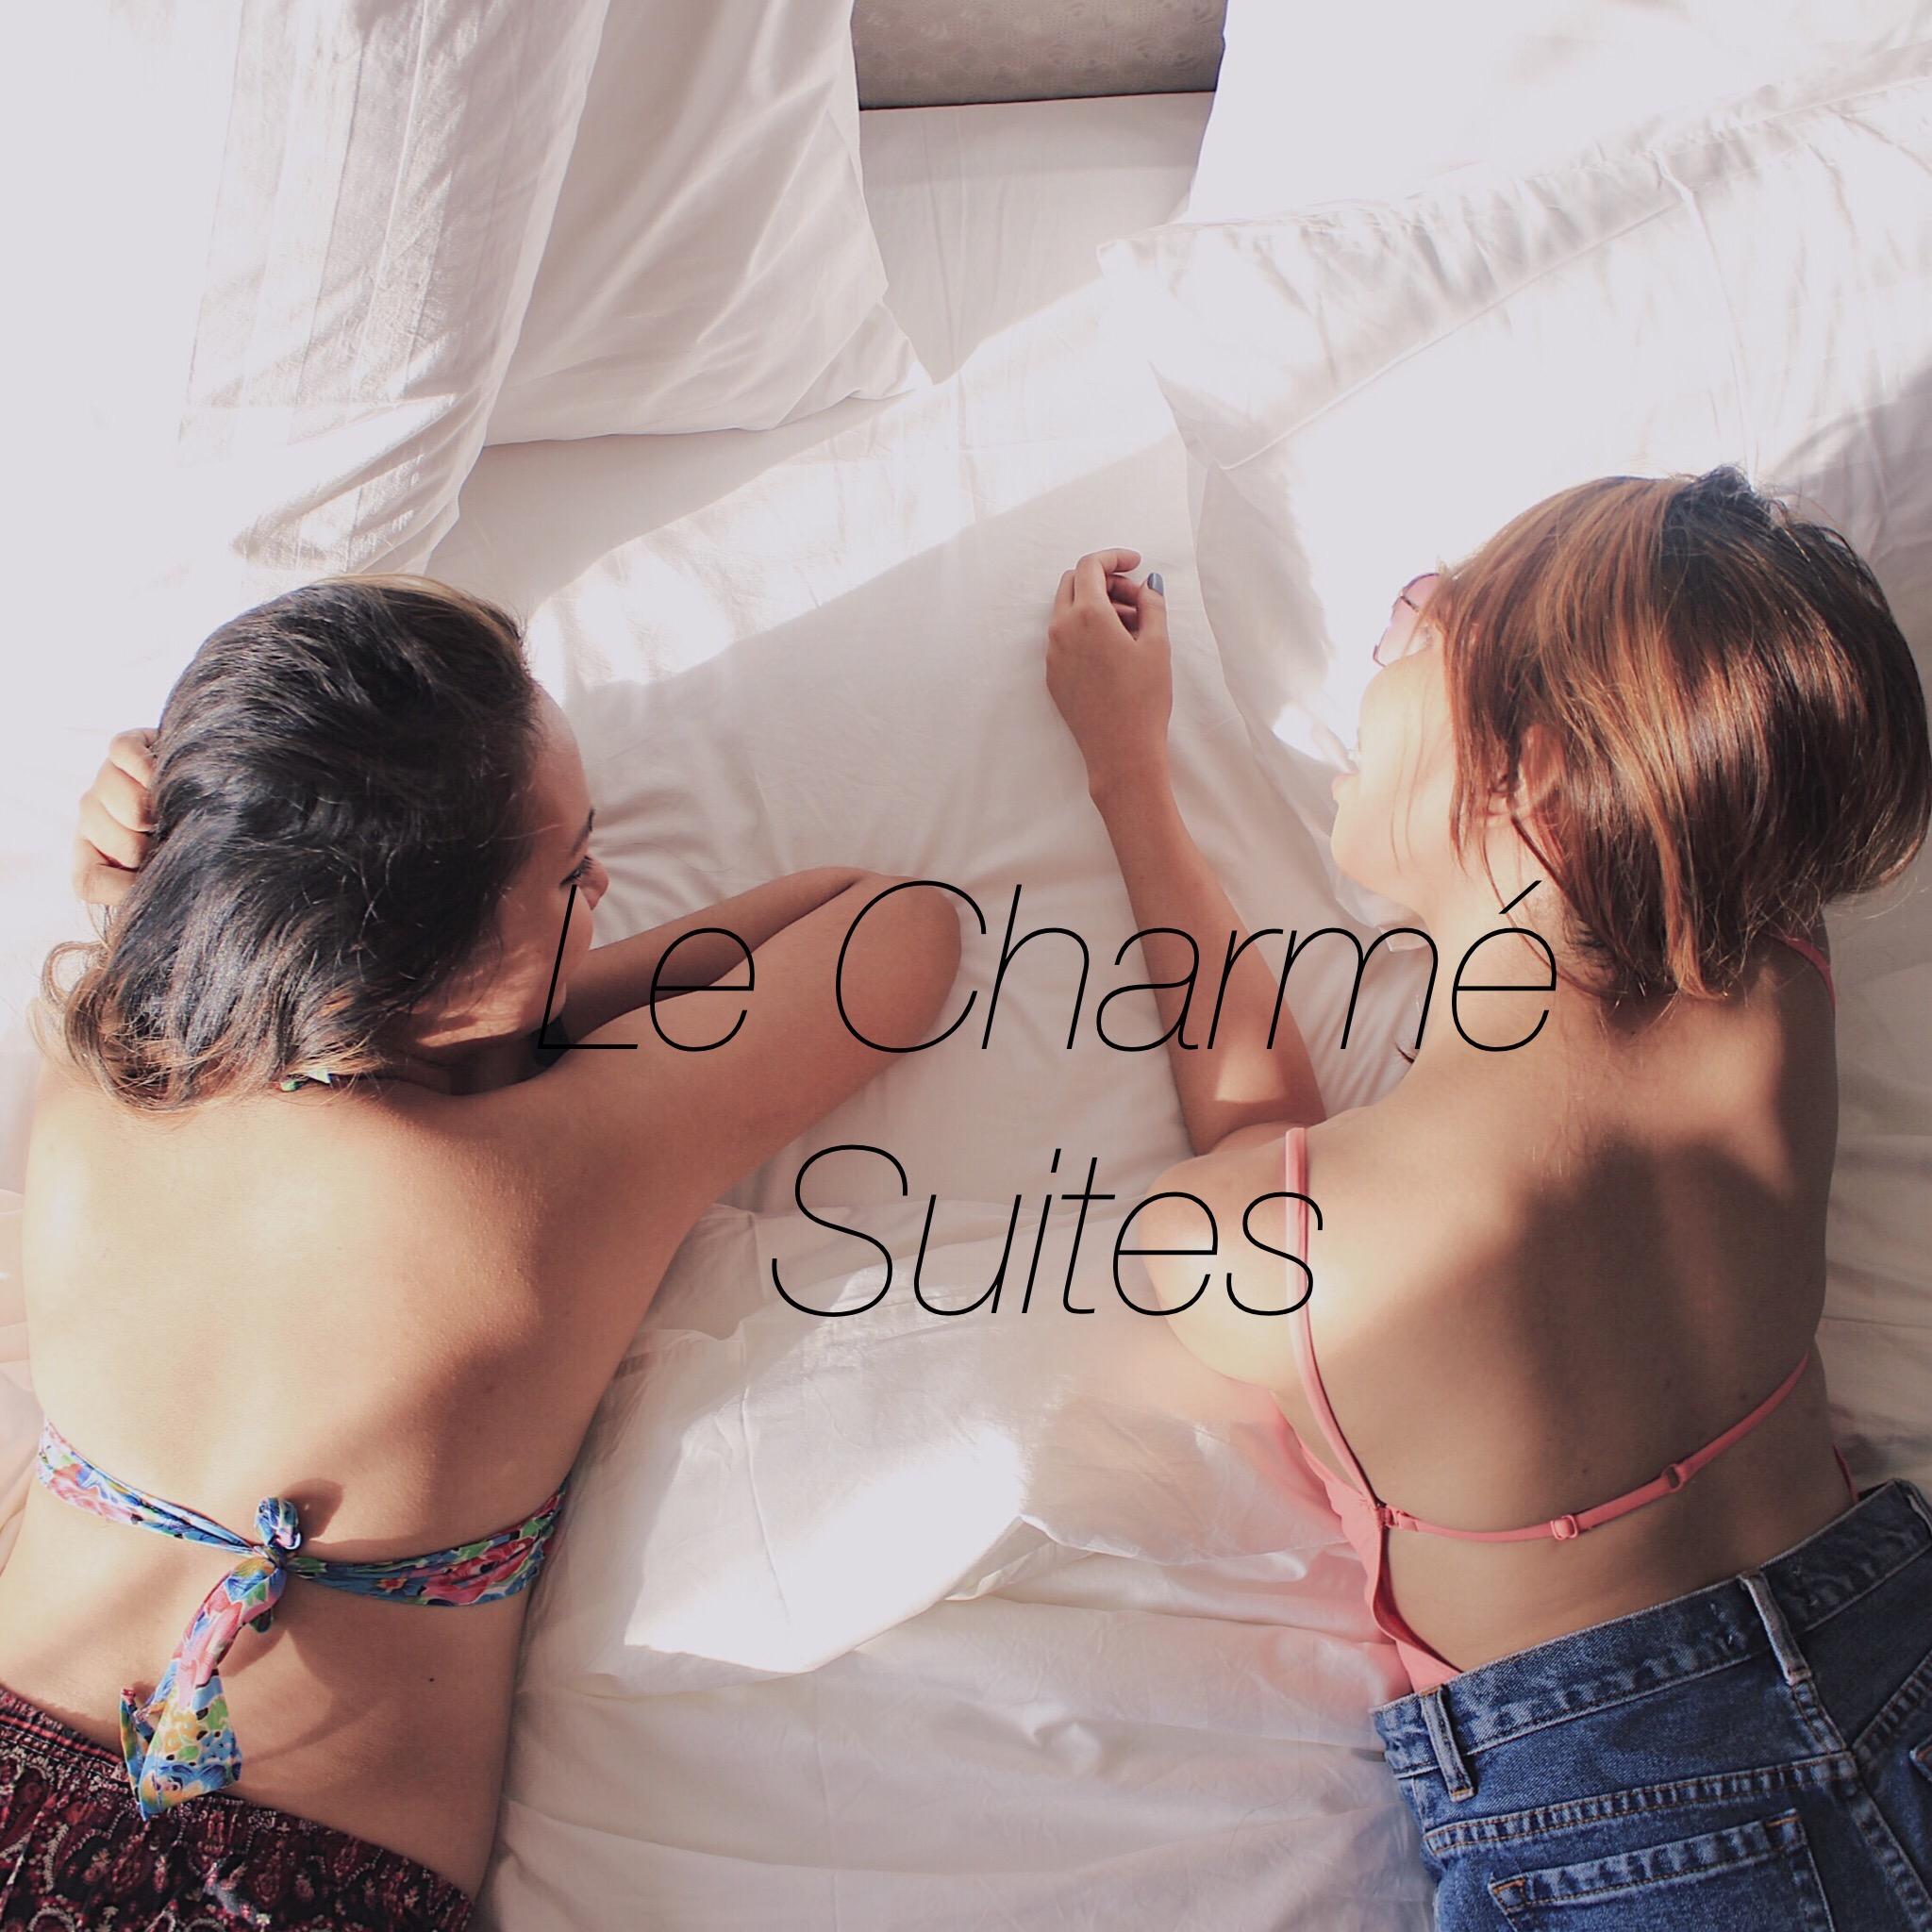 Quick Getaway Spot: Le Charme Suites Subic